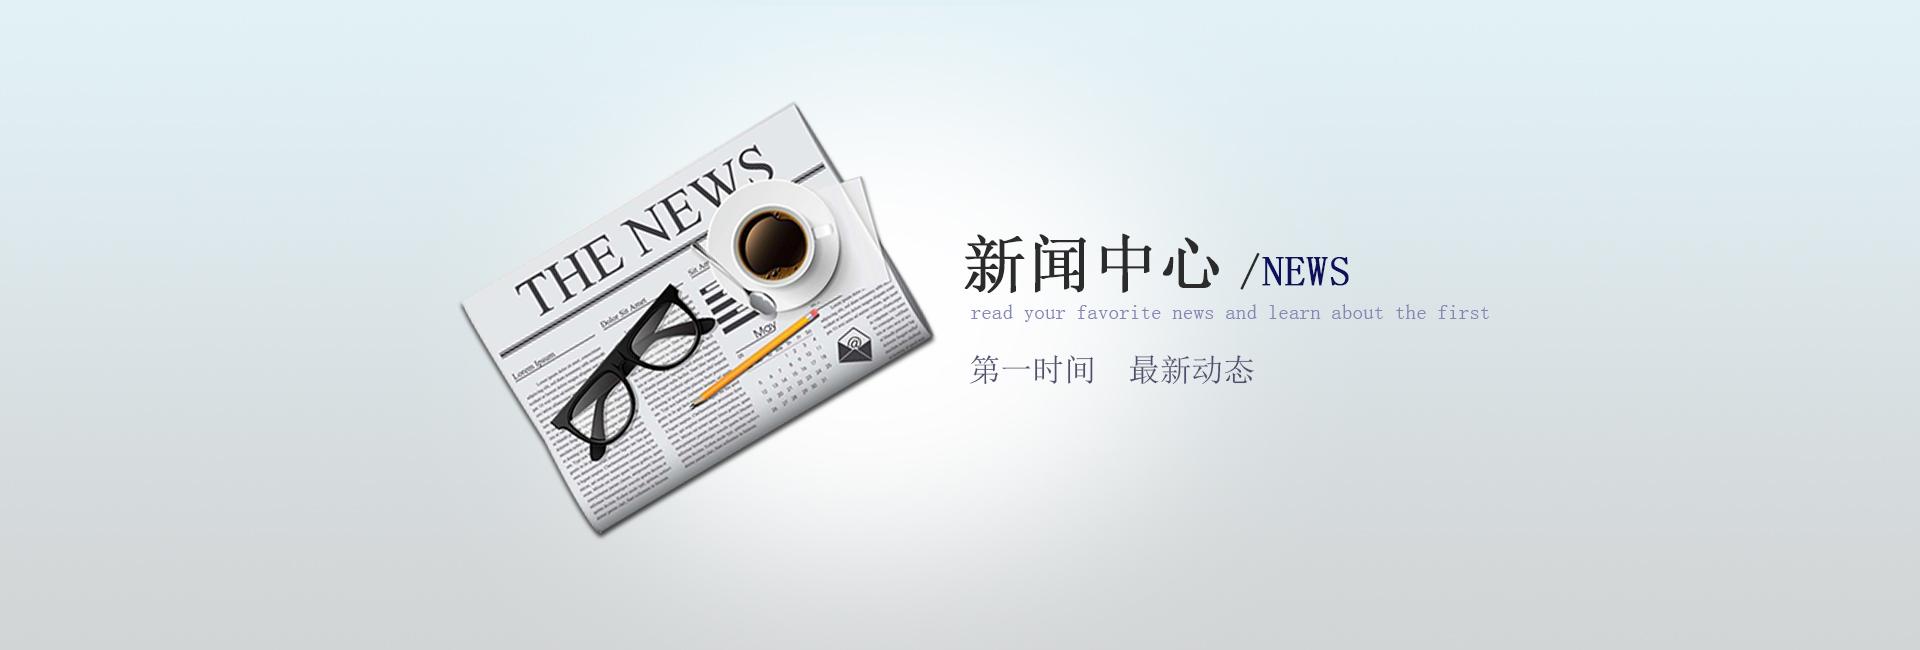 新闻中心-新闻详情